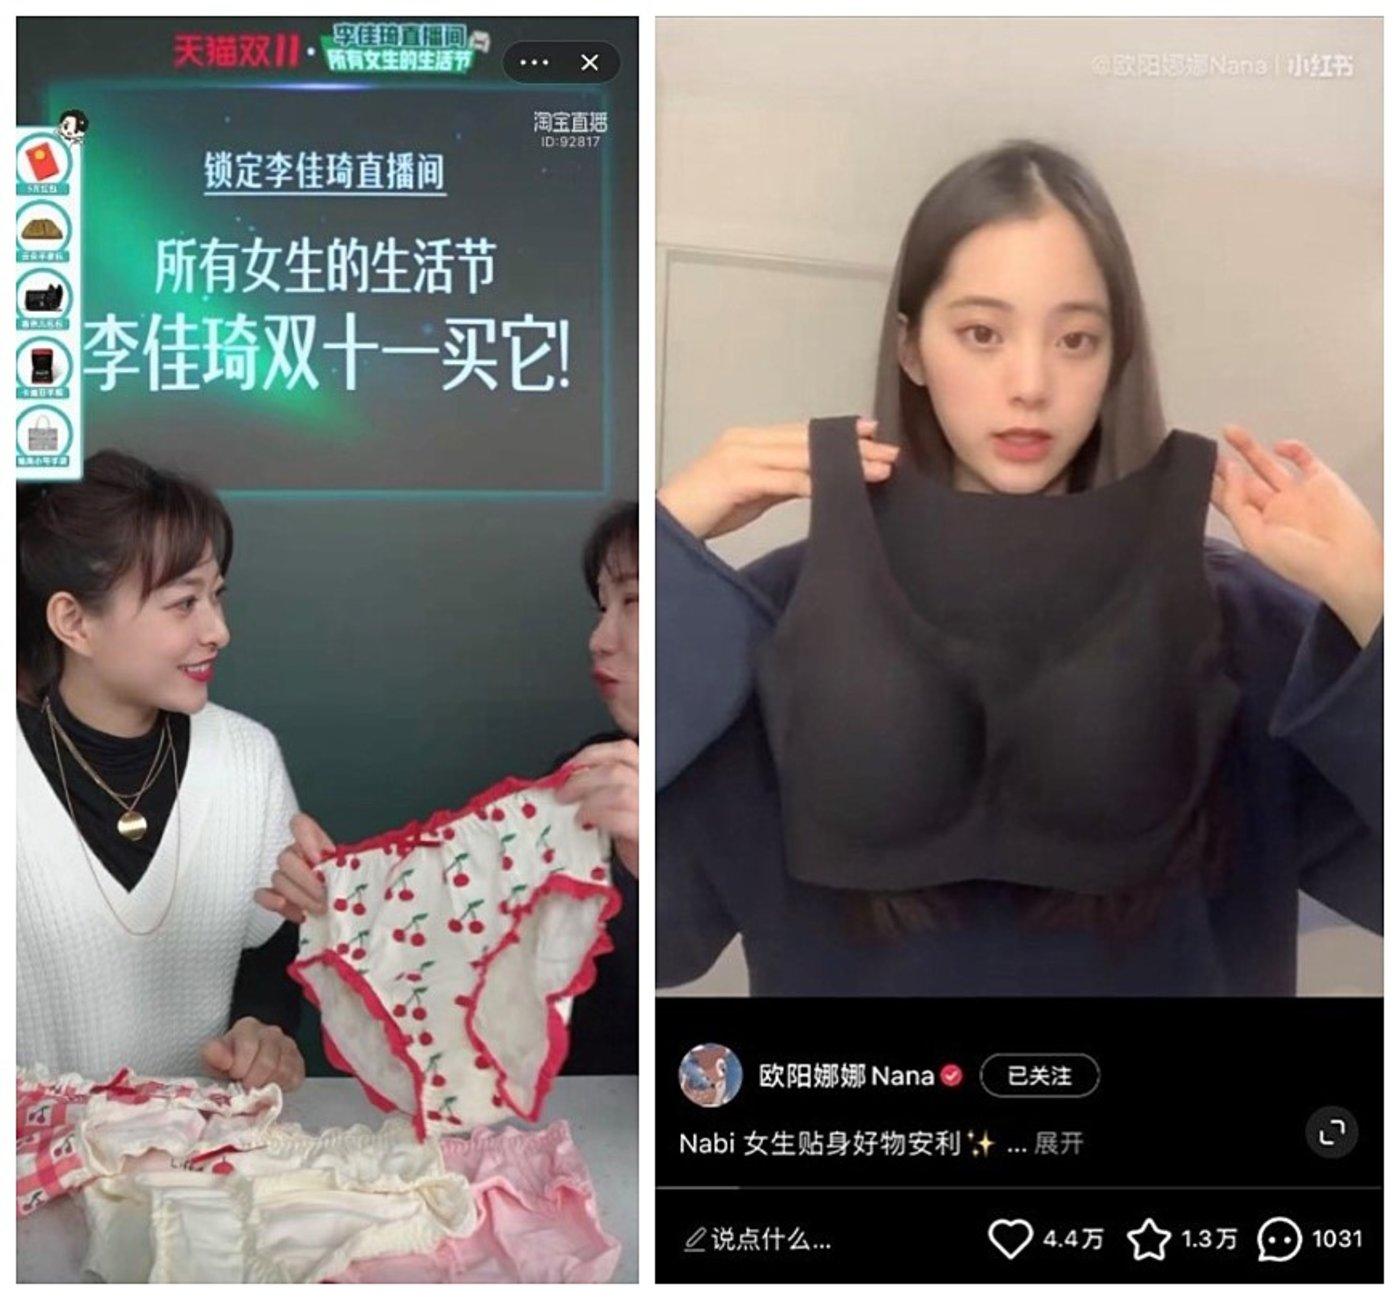 左:李佳琦直播间推荐少女内裤;右:欧阳娜娜在小红书种草Ubras内衣